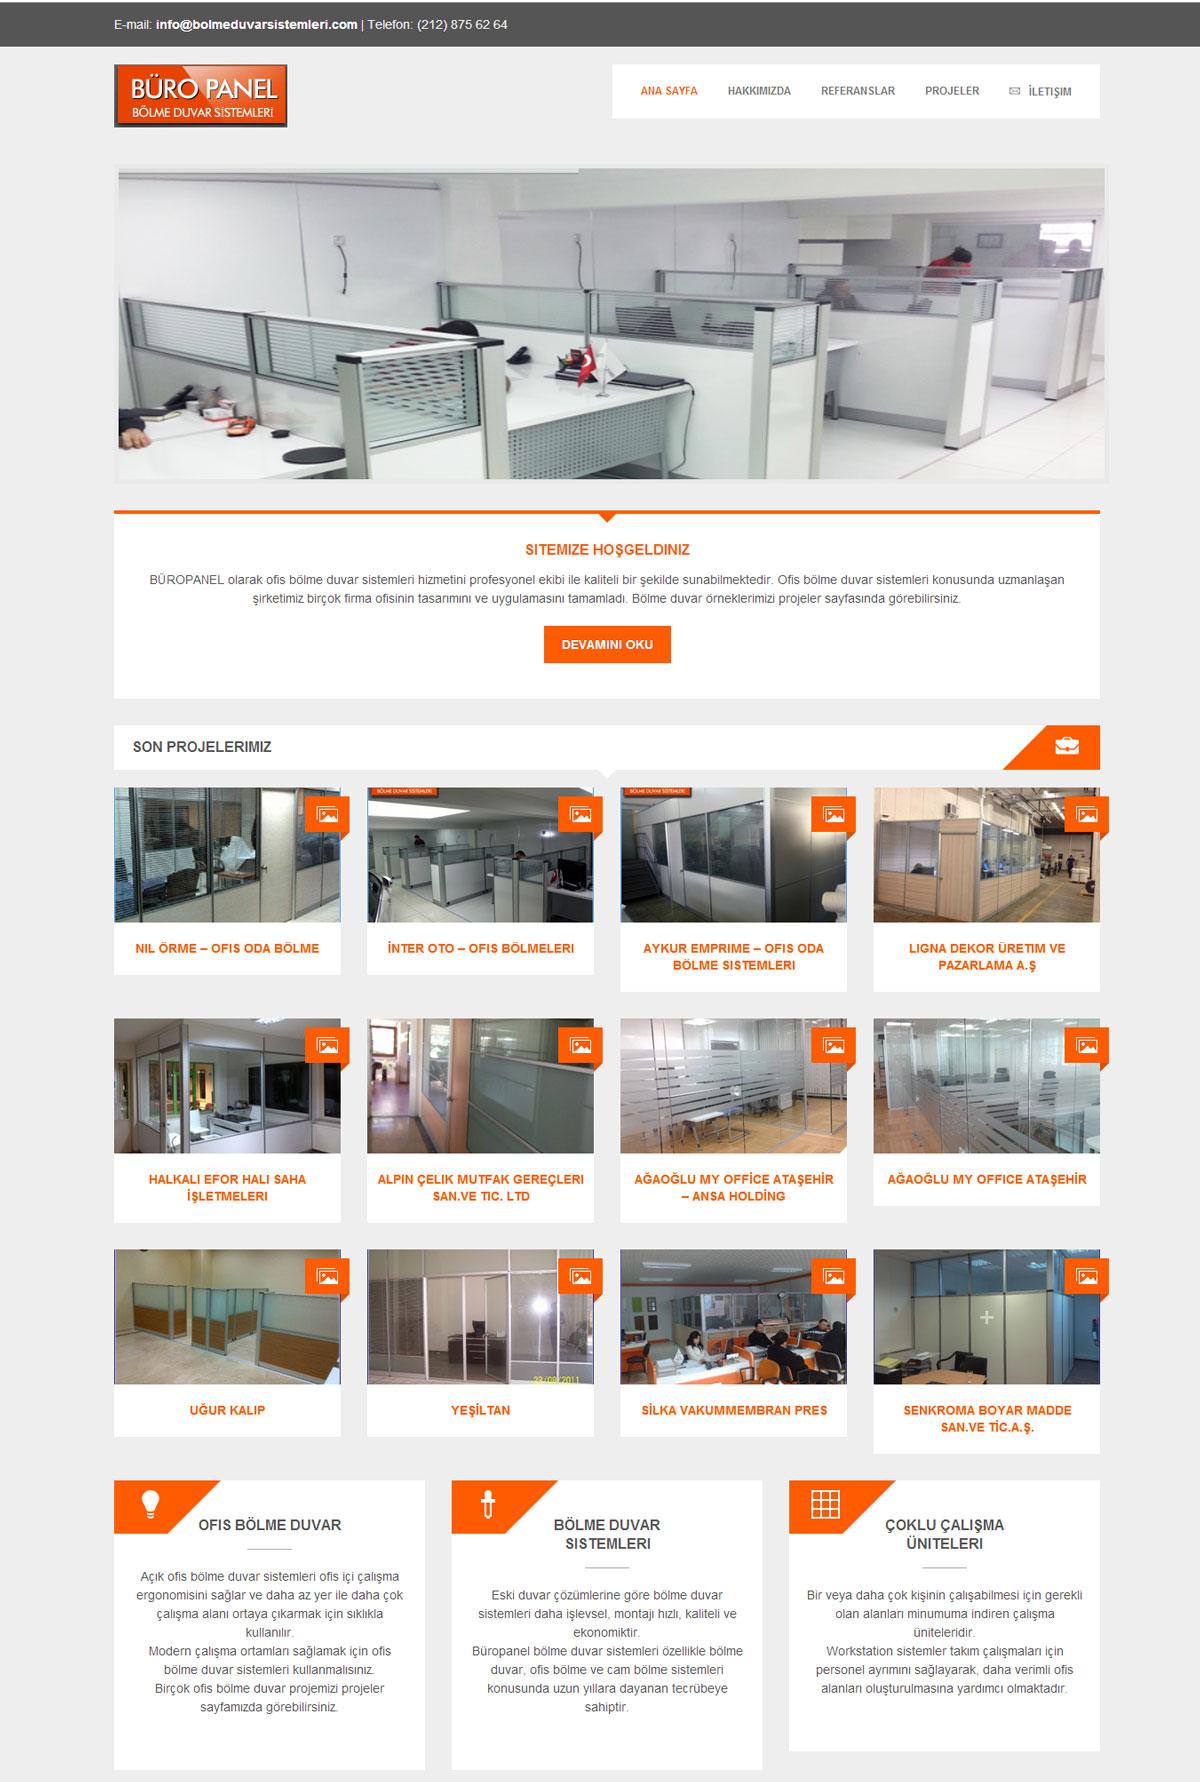 ofis bölme duvar firması mobilya